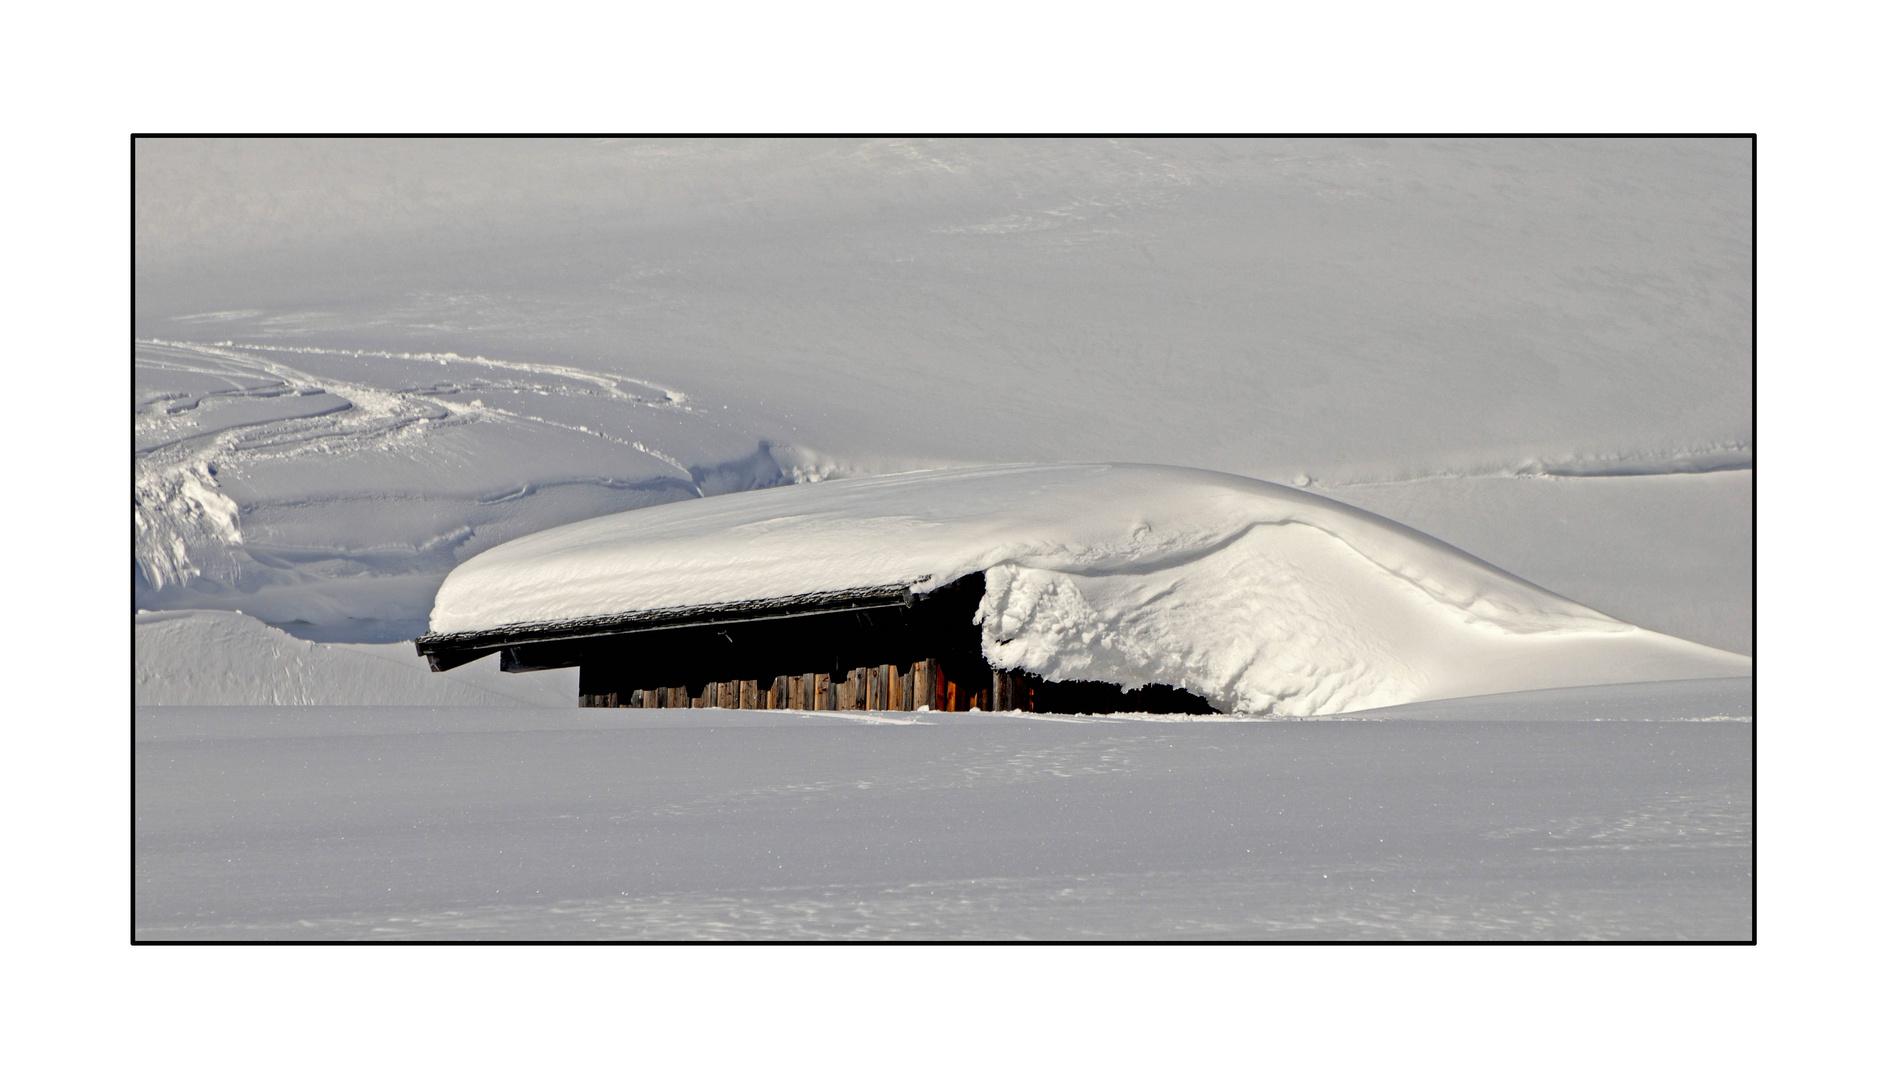 Schnee in seiner schönsten Form